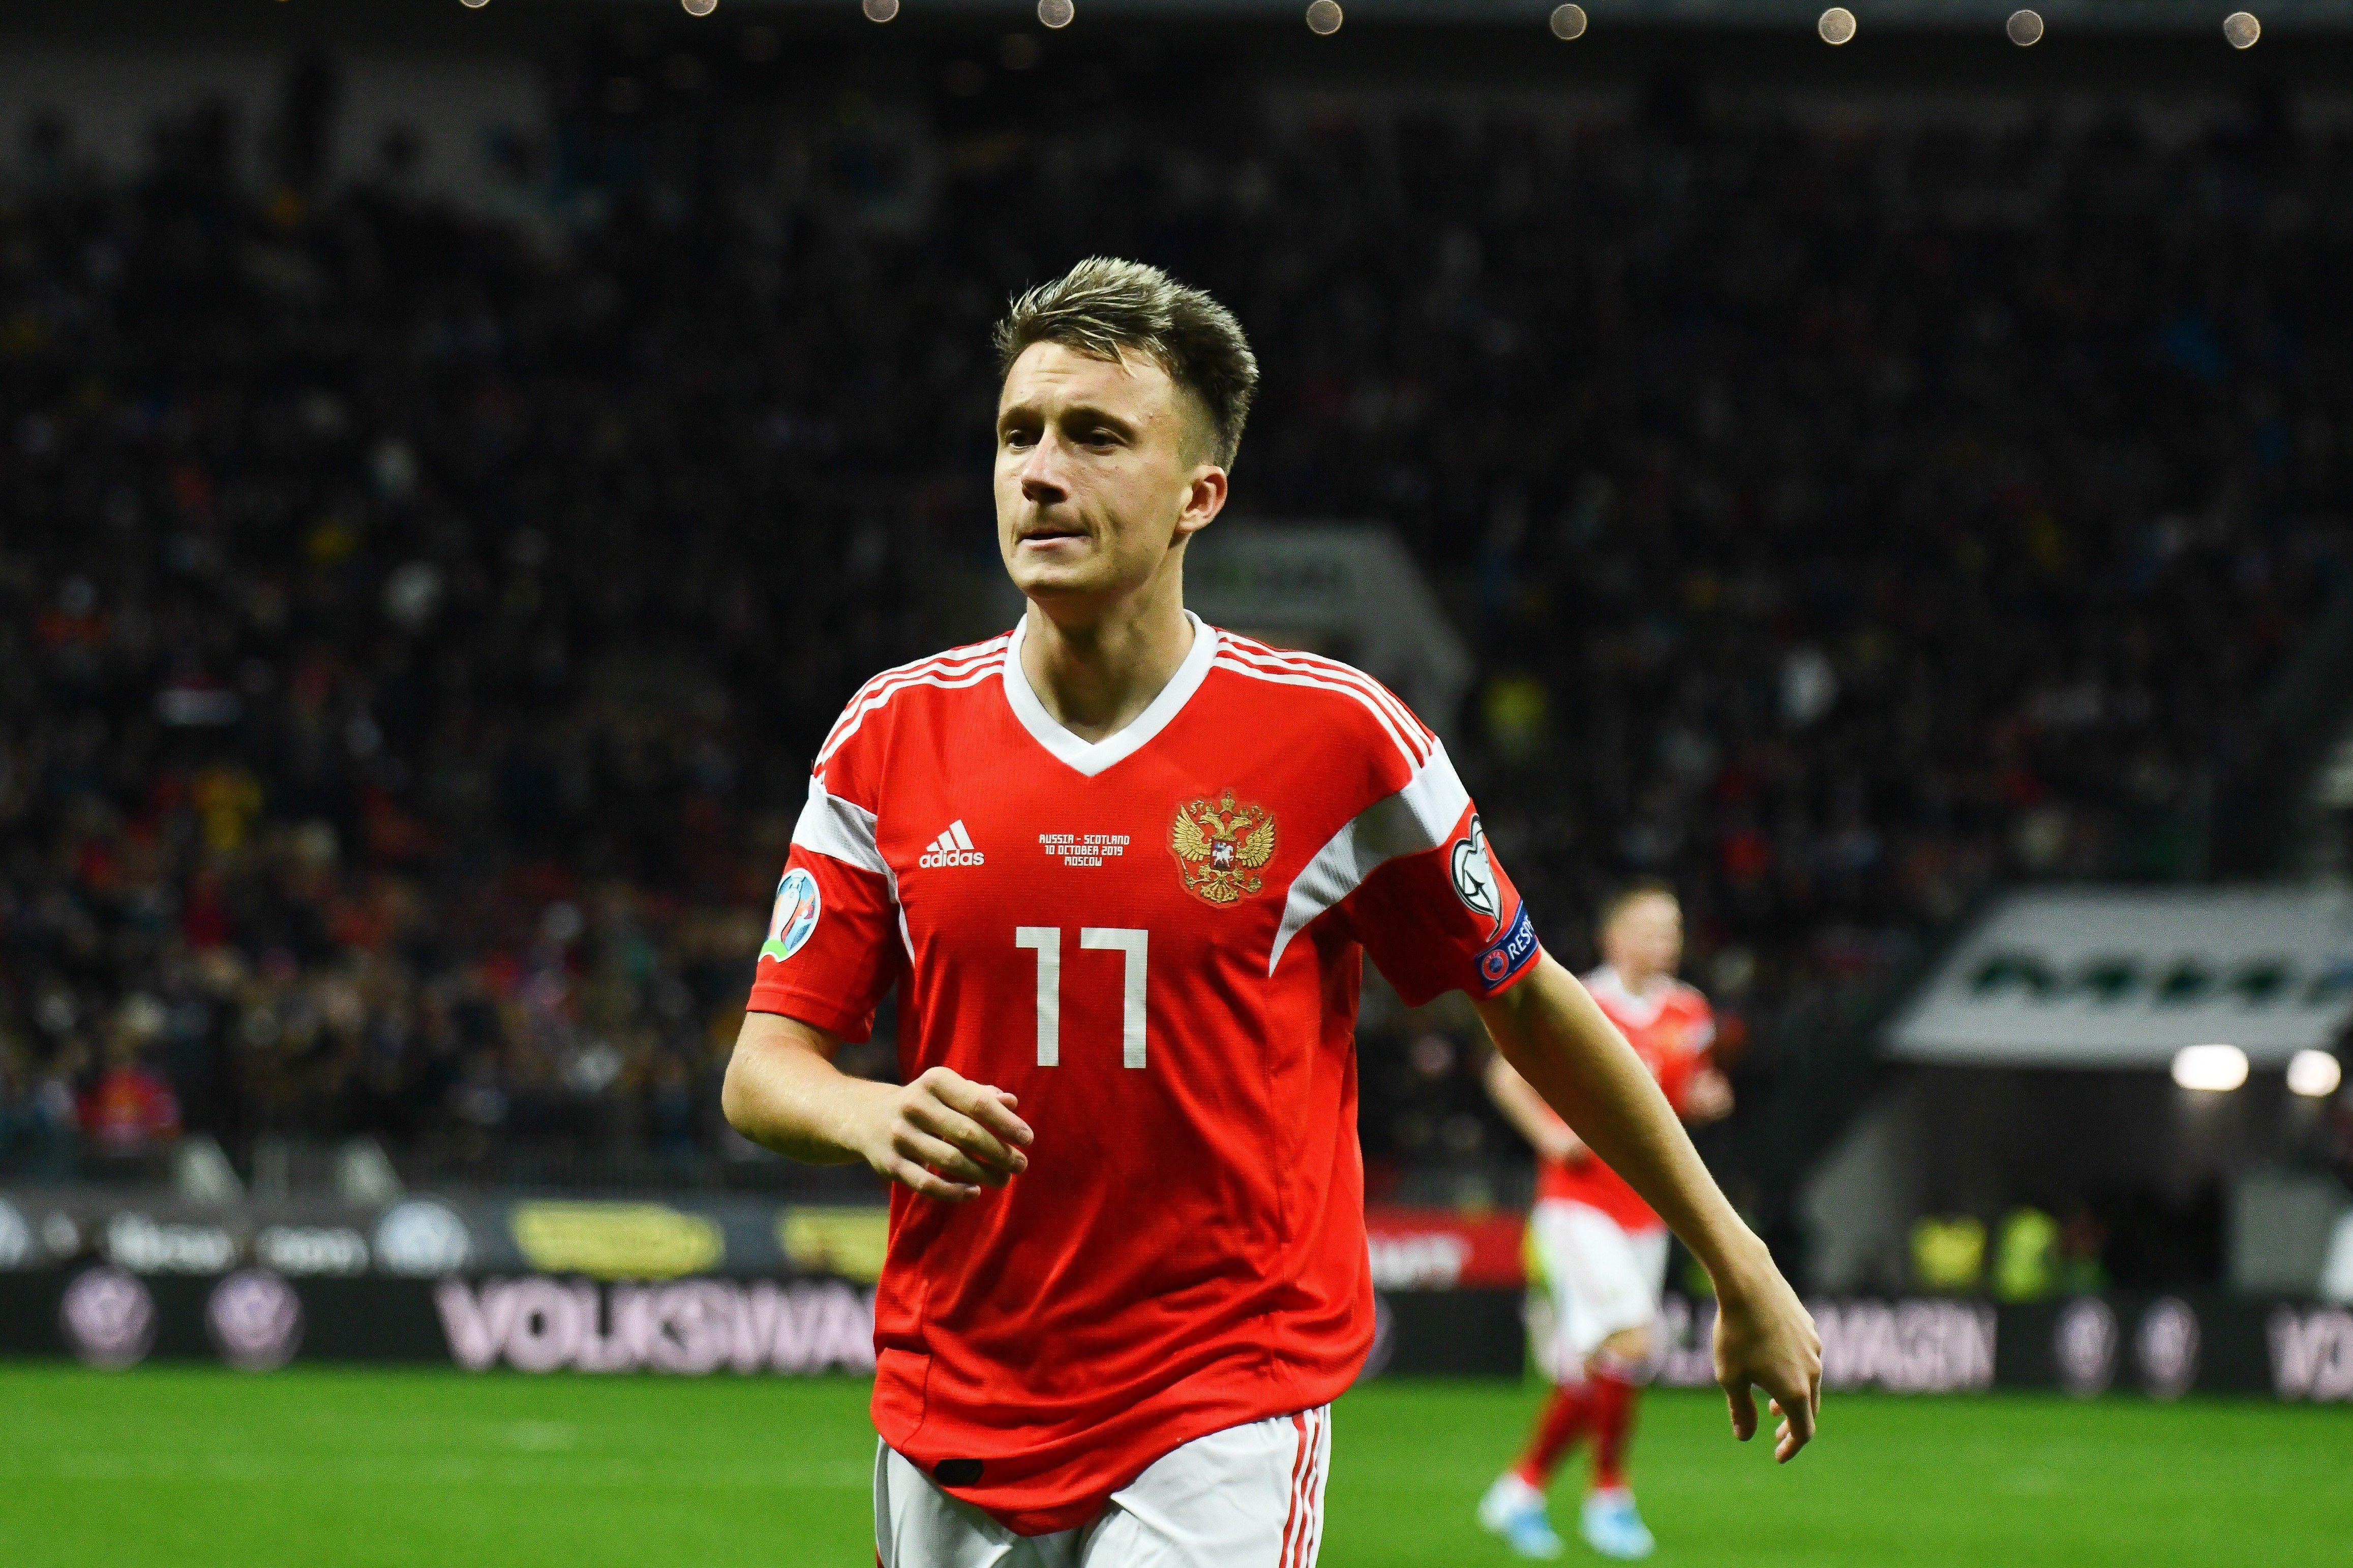 Головин присоединится к сборной в Сочи и сможет сыграть со Словенией